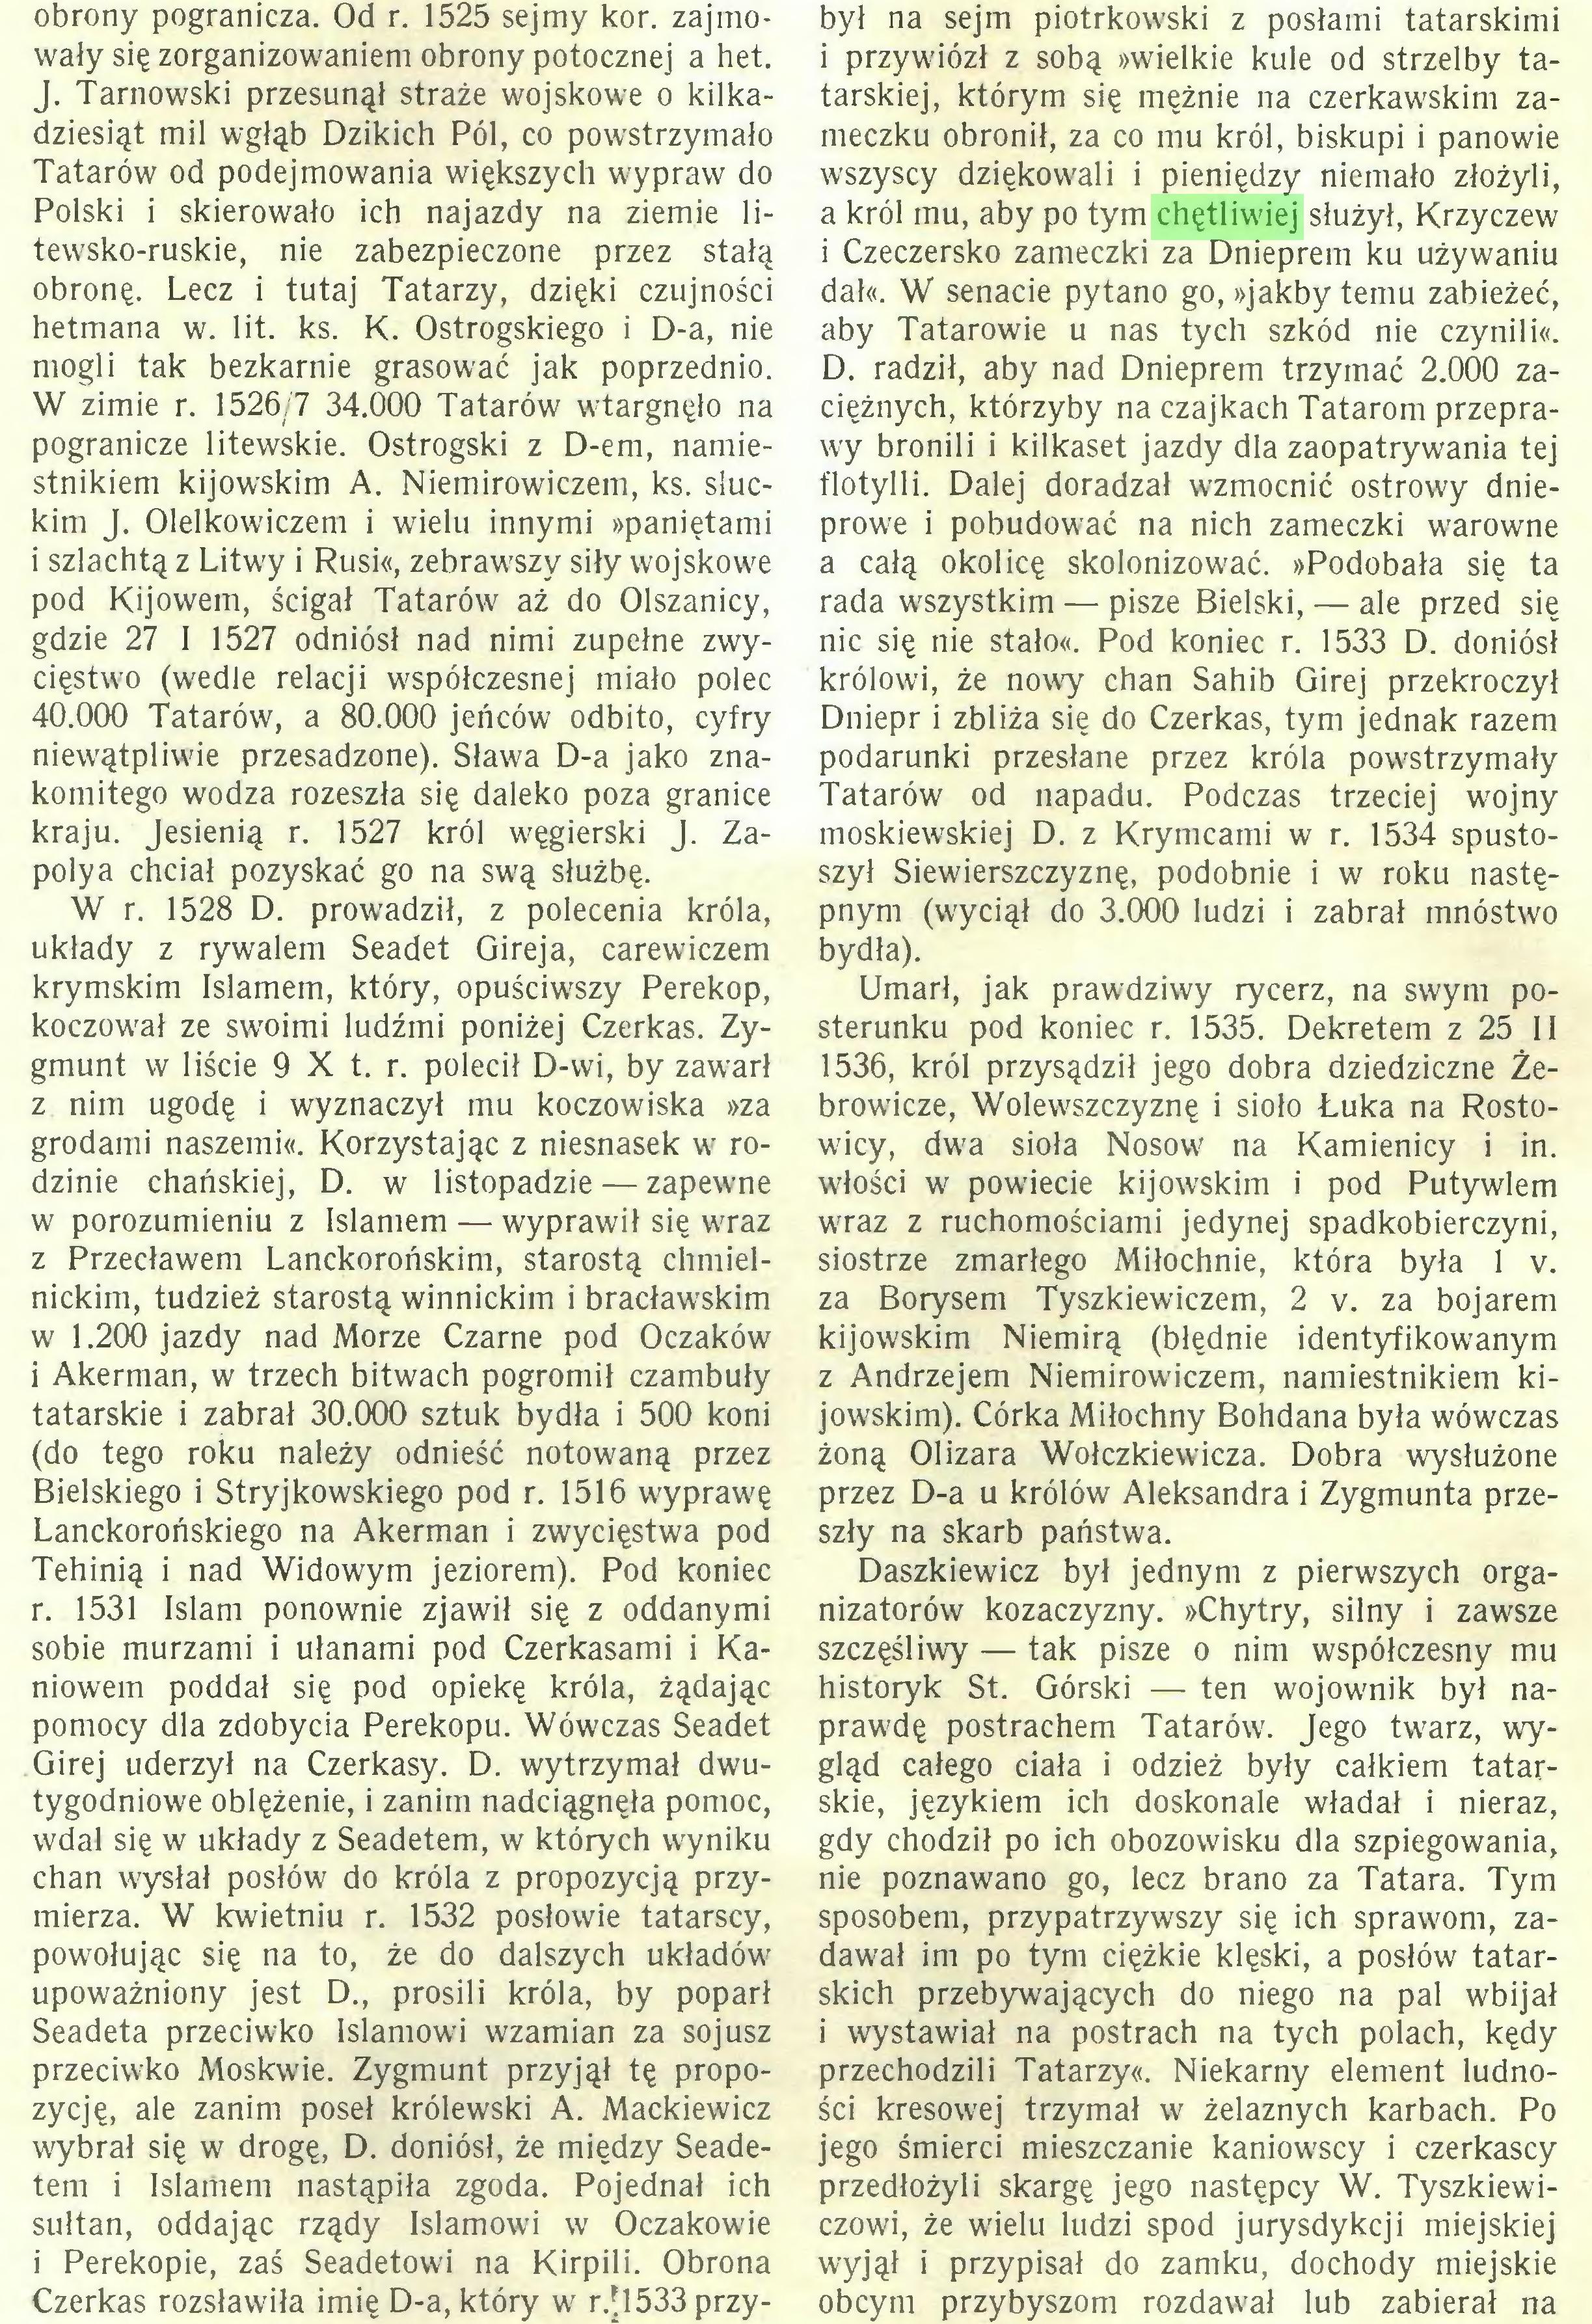 (...) Czerkas rozsławiła imię D-a, który w r.*1533 przy¬ był na sejm piotrkowski z posłami tatarskimi i przywiózł z sobą »wielkie kule od strzelby tatarskiej, którym się mężnie na czerkawskim zameczku obronił, za co mu król, biskupi i panowie wszyscy dziękowali i pieniędzy niemało złożyli, a król mu, aby po tym chętliwiej służył, Krzyczew i Czeczersko zameczki za Dnieprem ku używaniu dał«. W senacie pytano go, »jakby temu zabieżeć, aby Tatarowie u nas tych szkód nie czynili«...